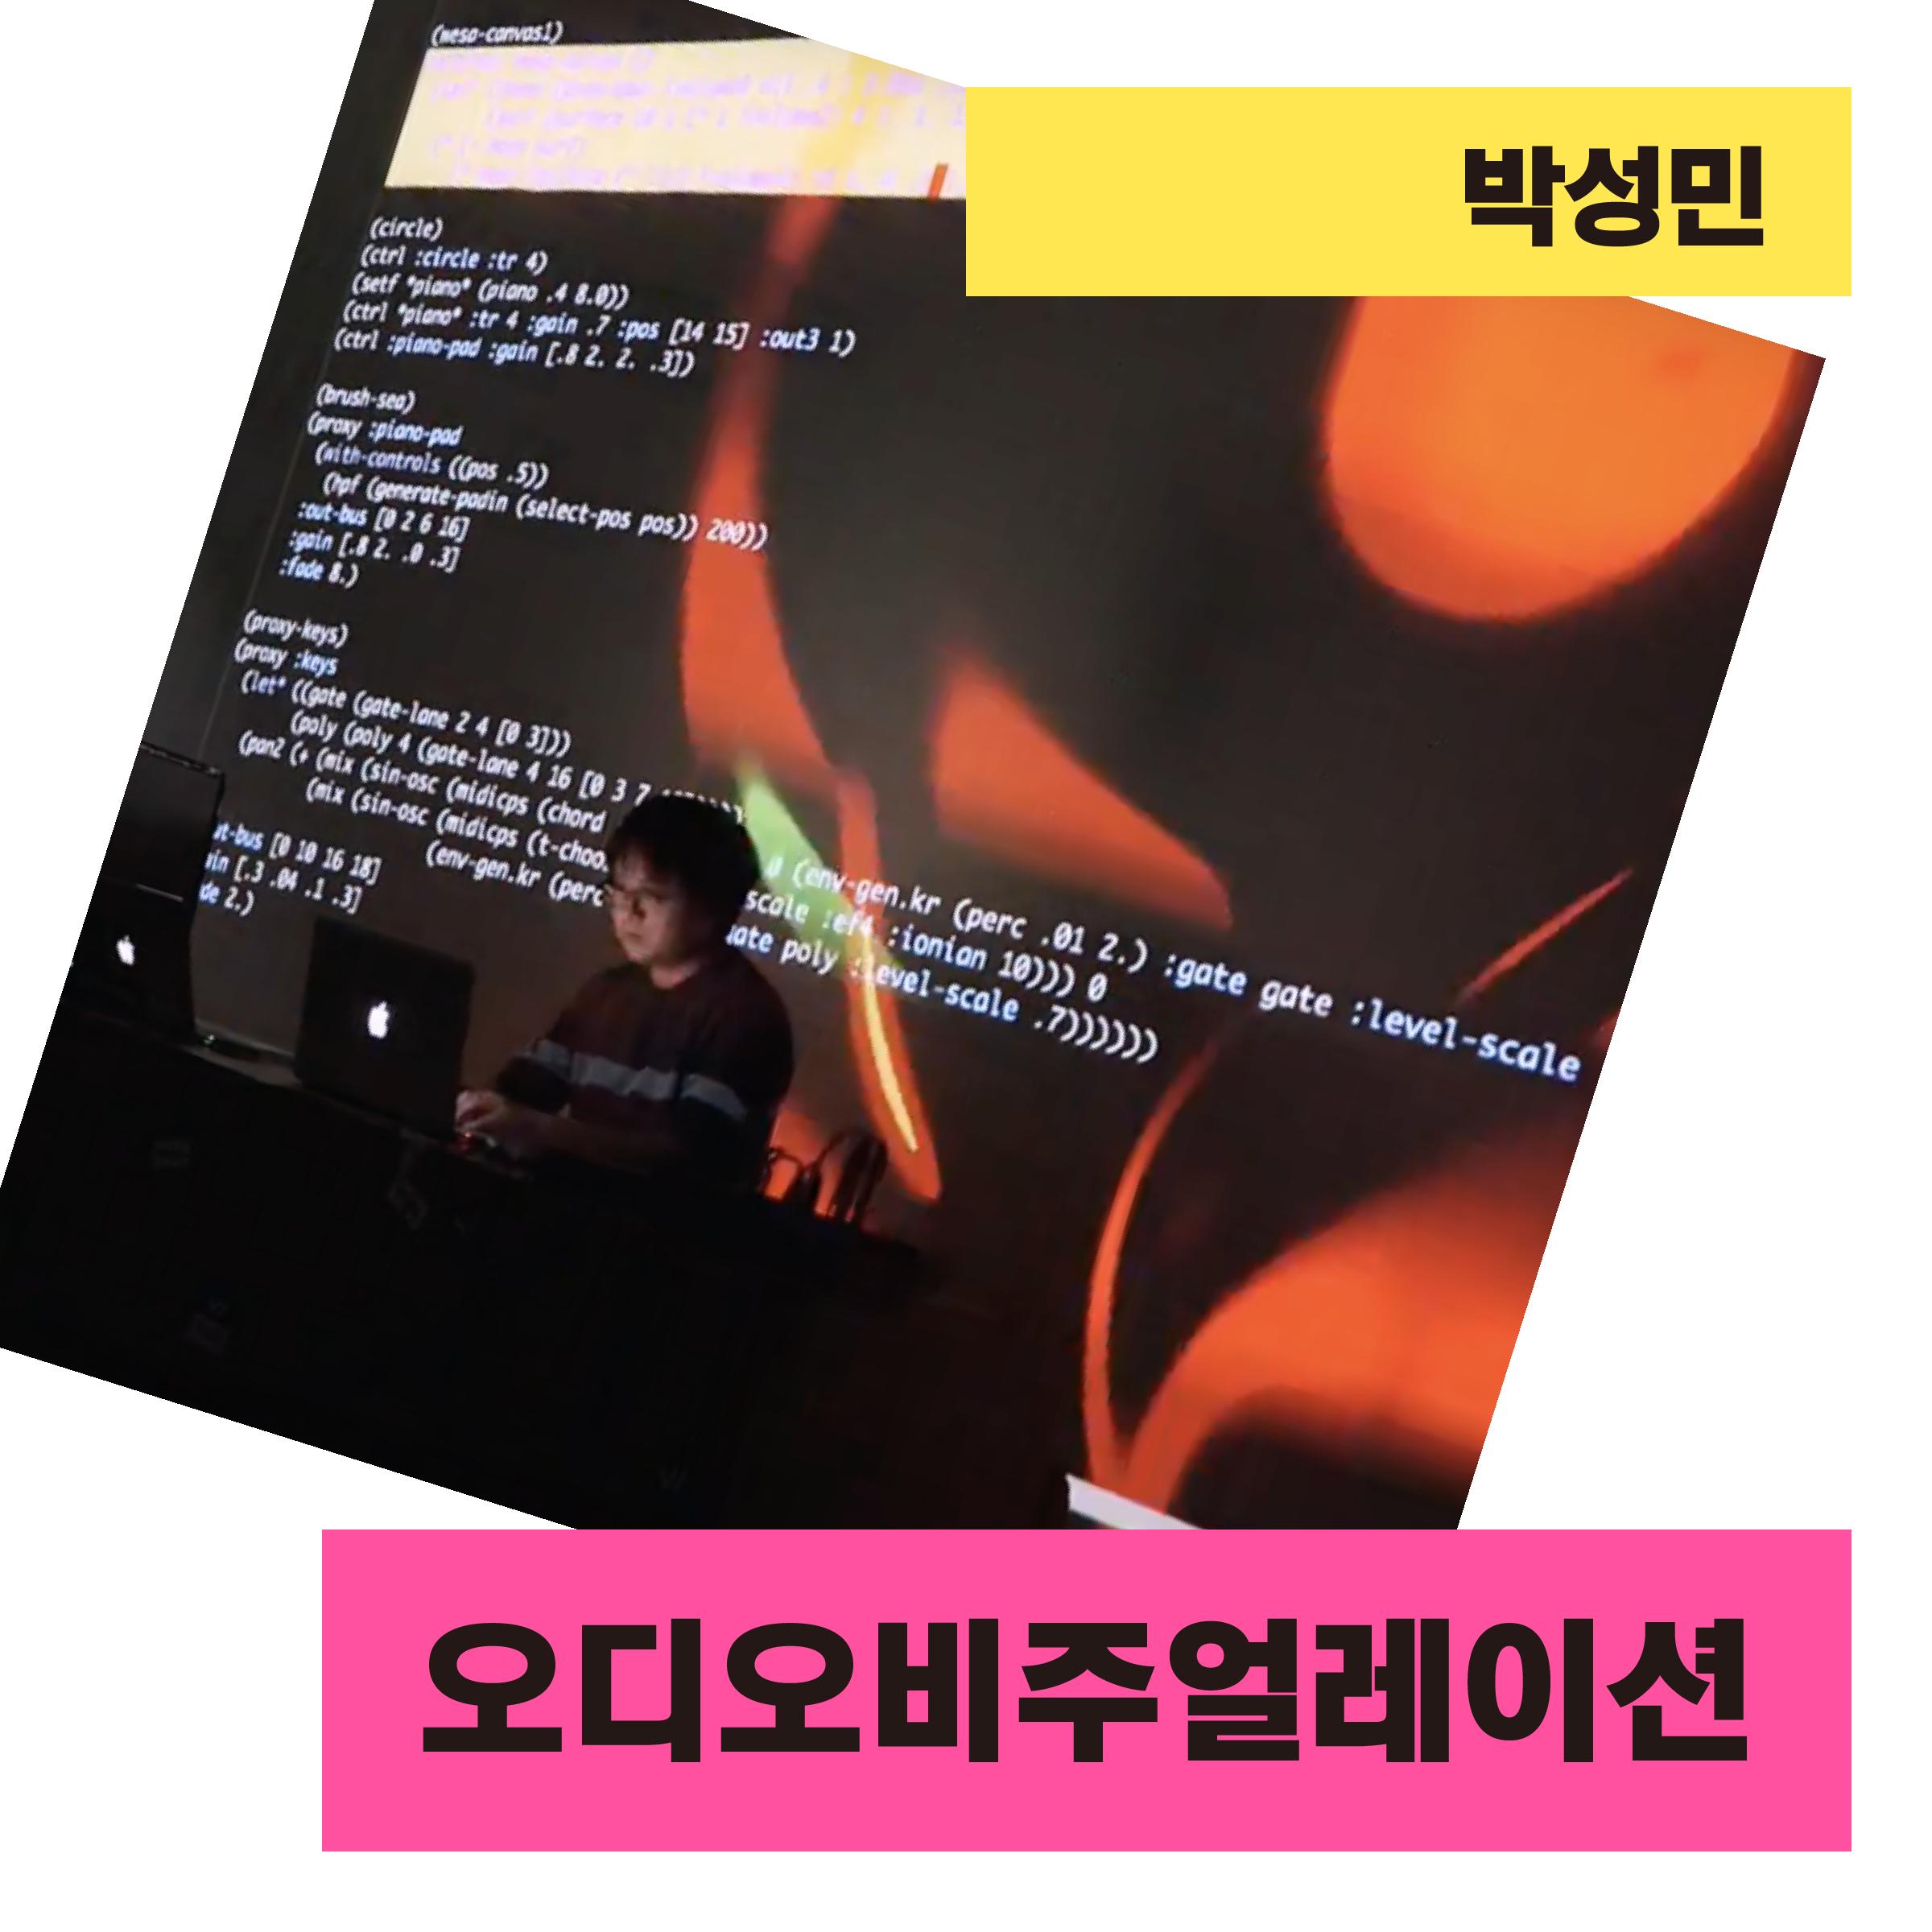 메인_박성민